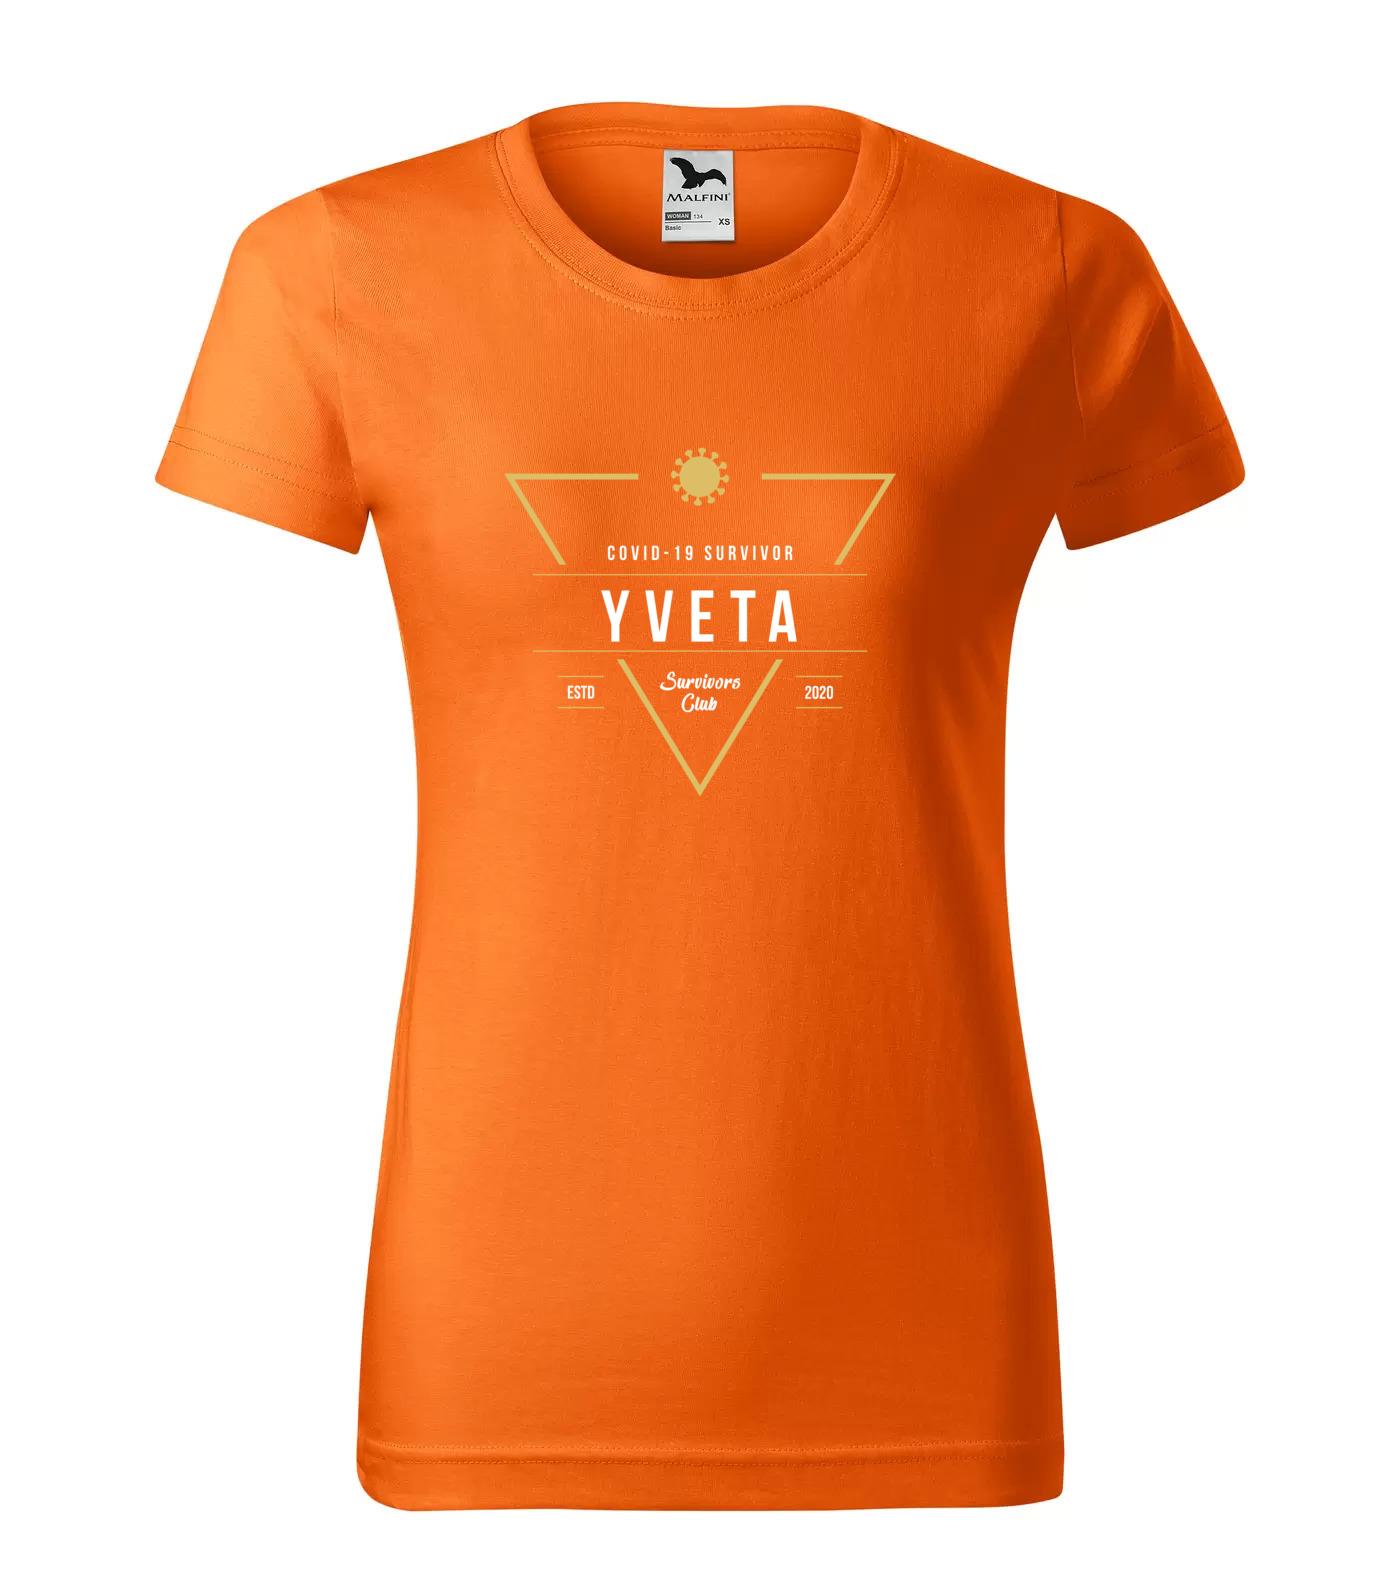 Tričko Survivor Club Yveta